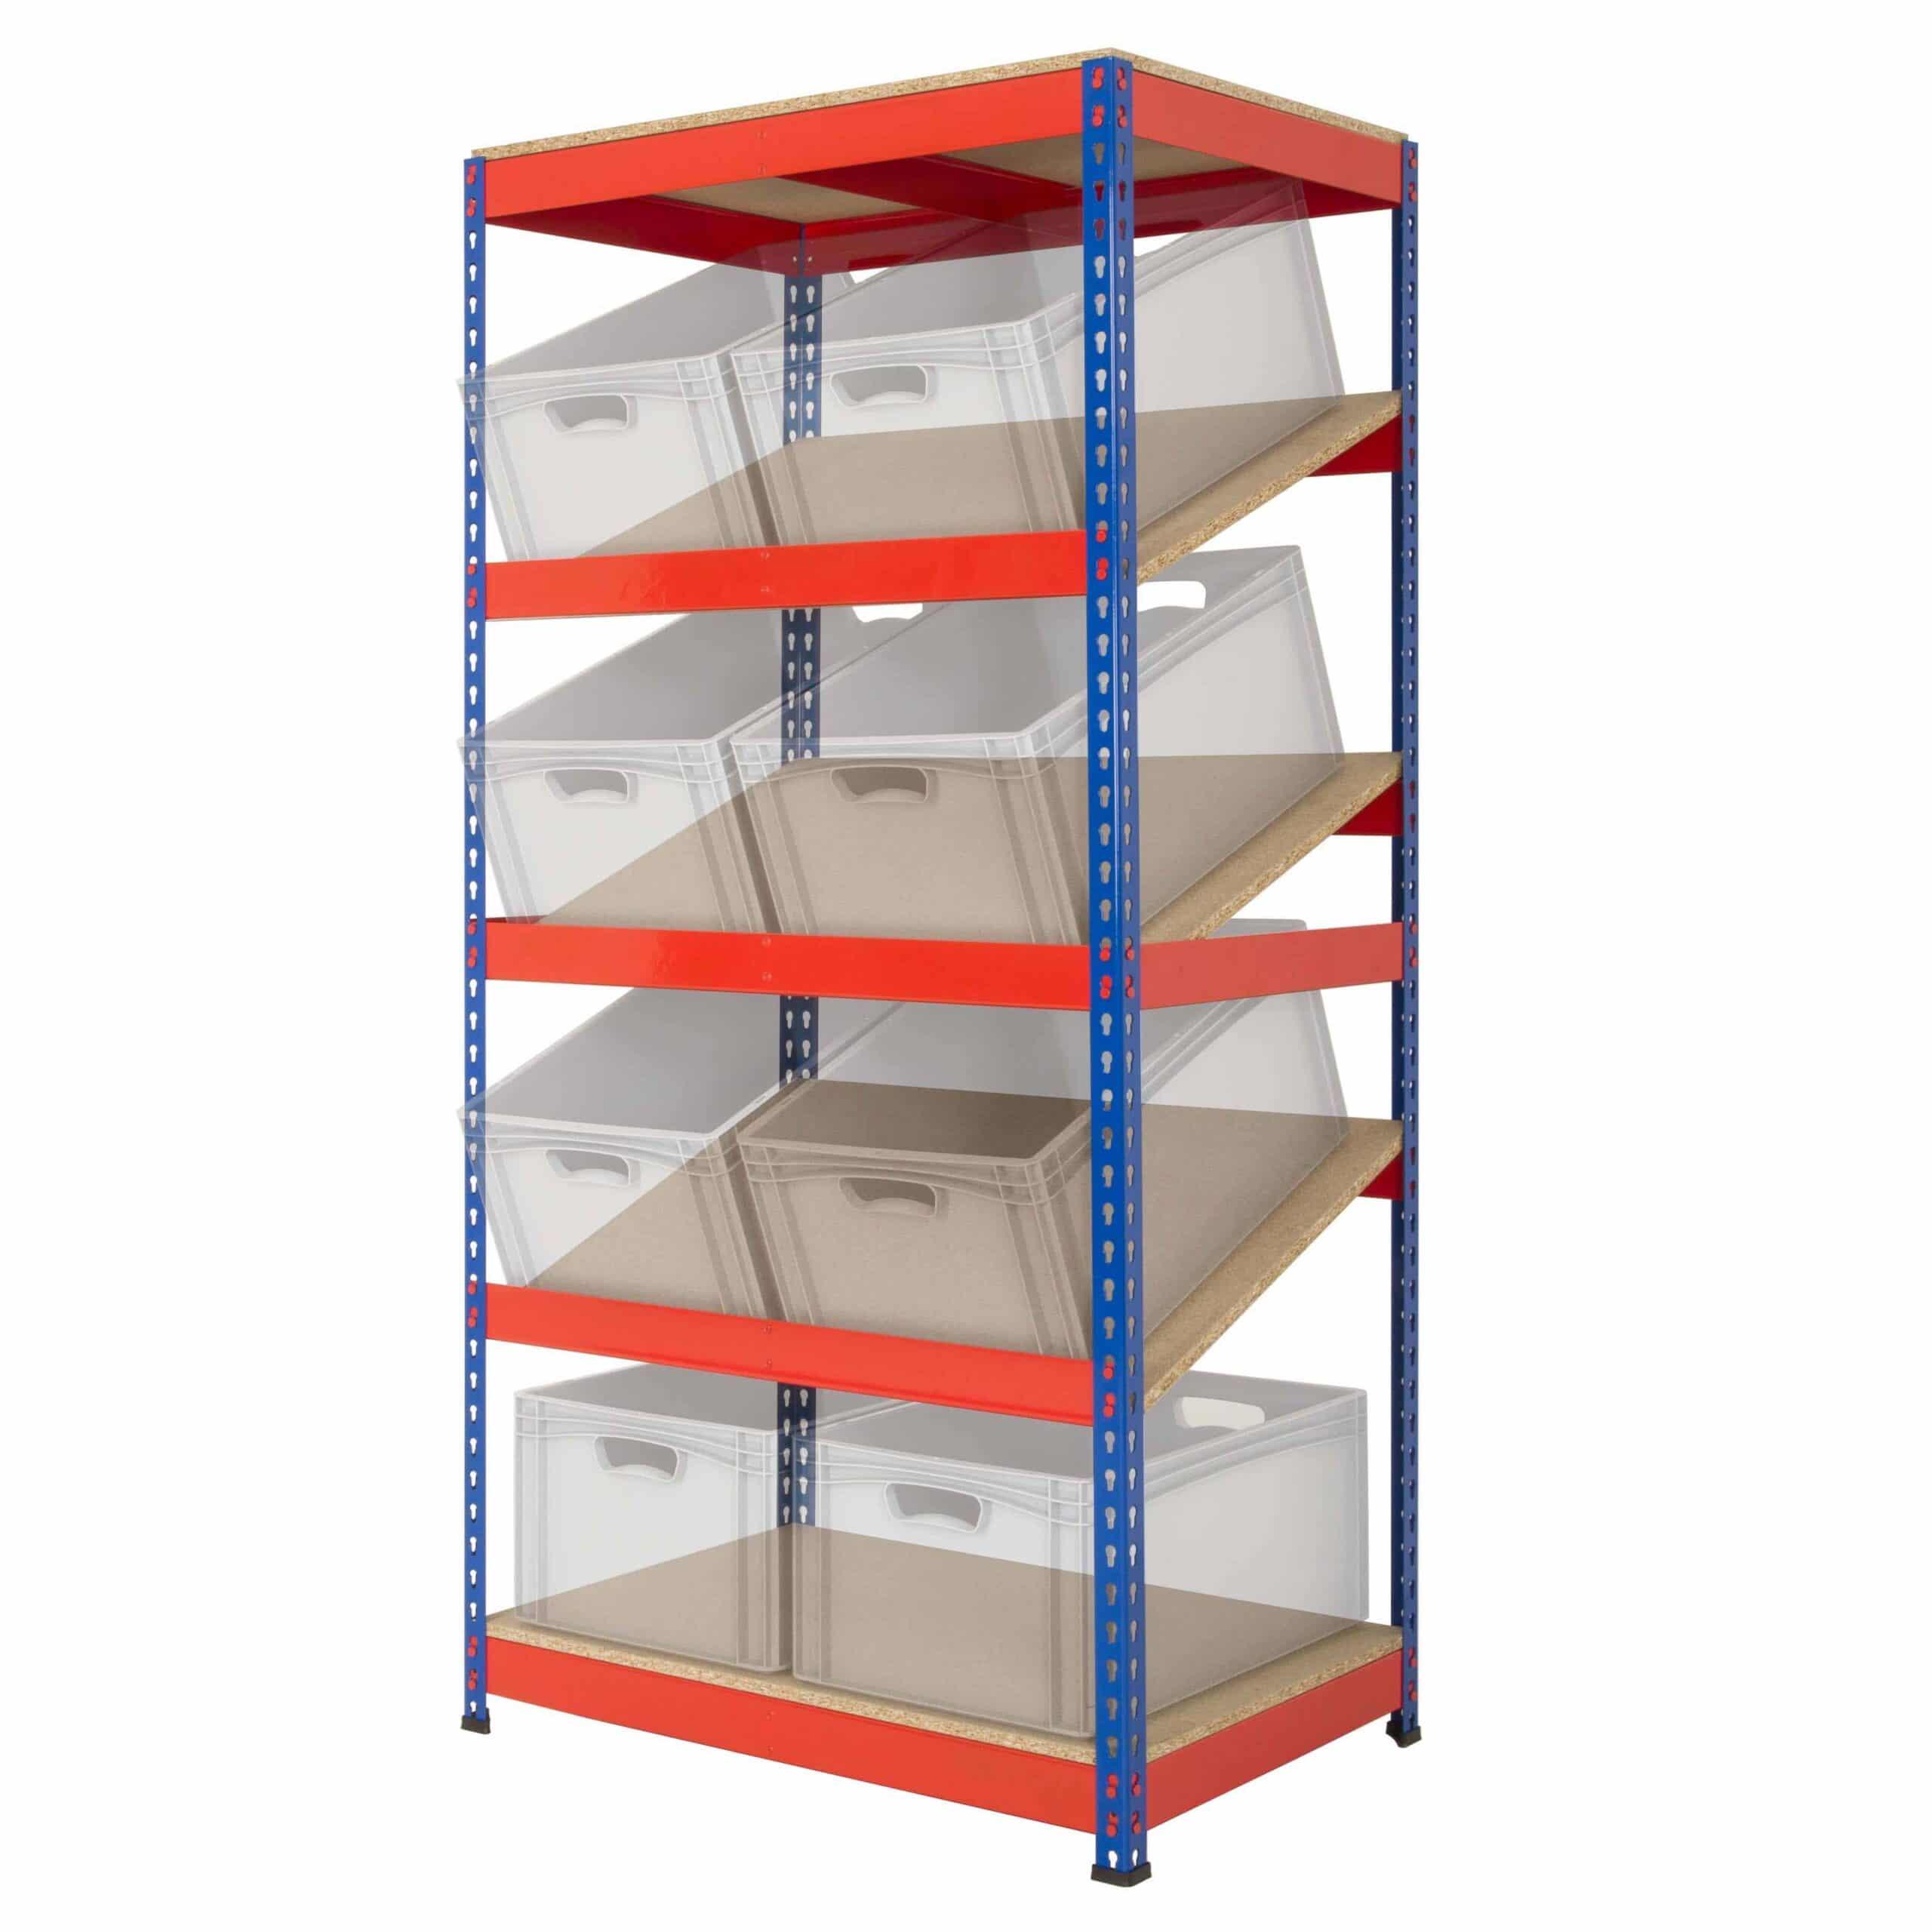 Rivet Racking Kanban Shelving Bay System Storage N Stuff